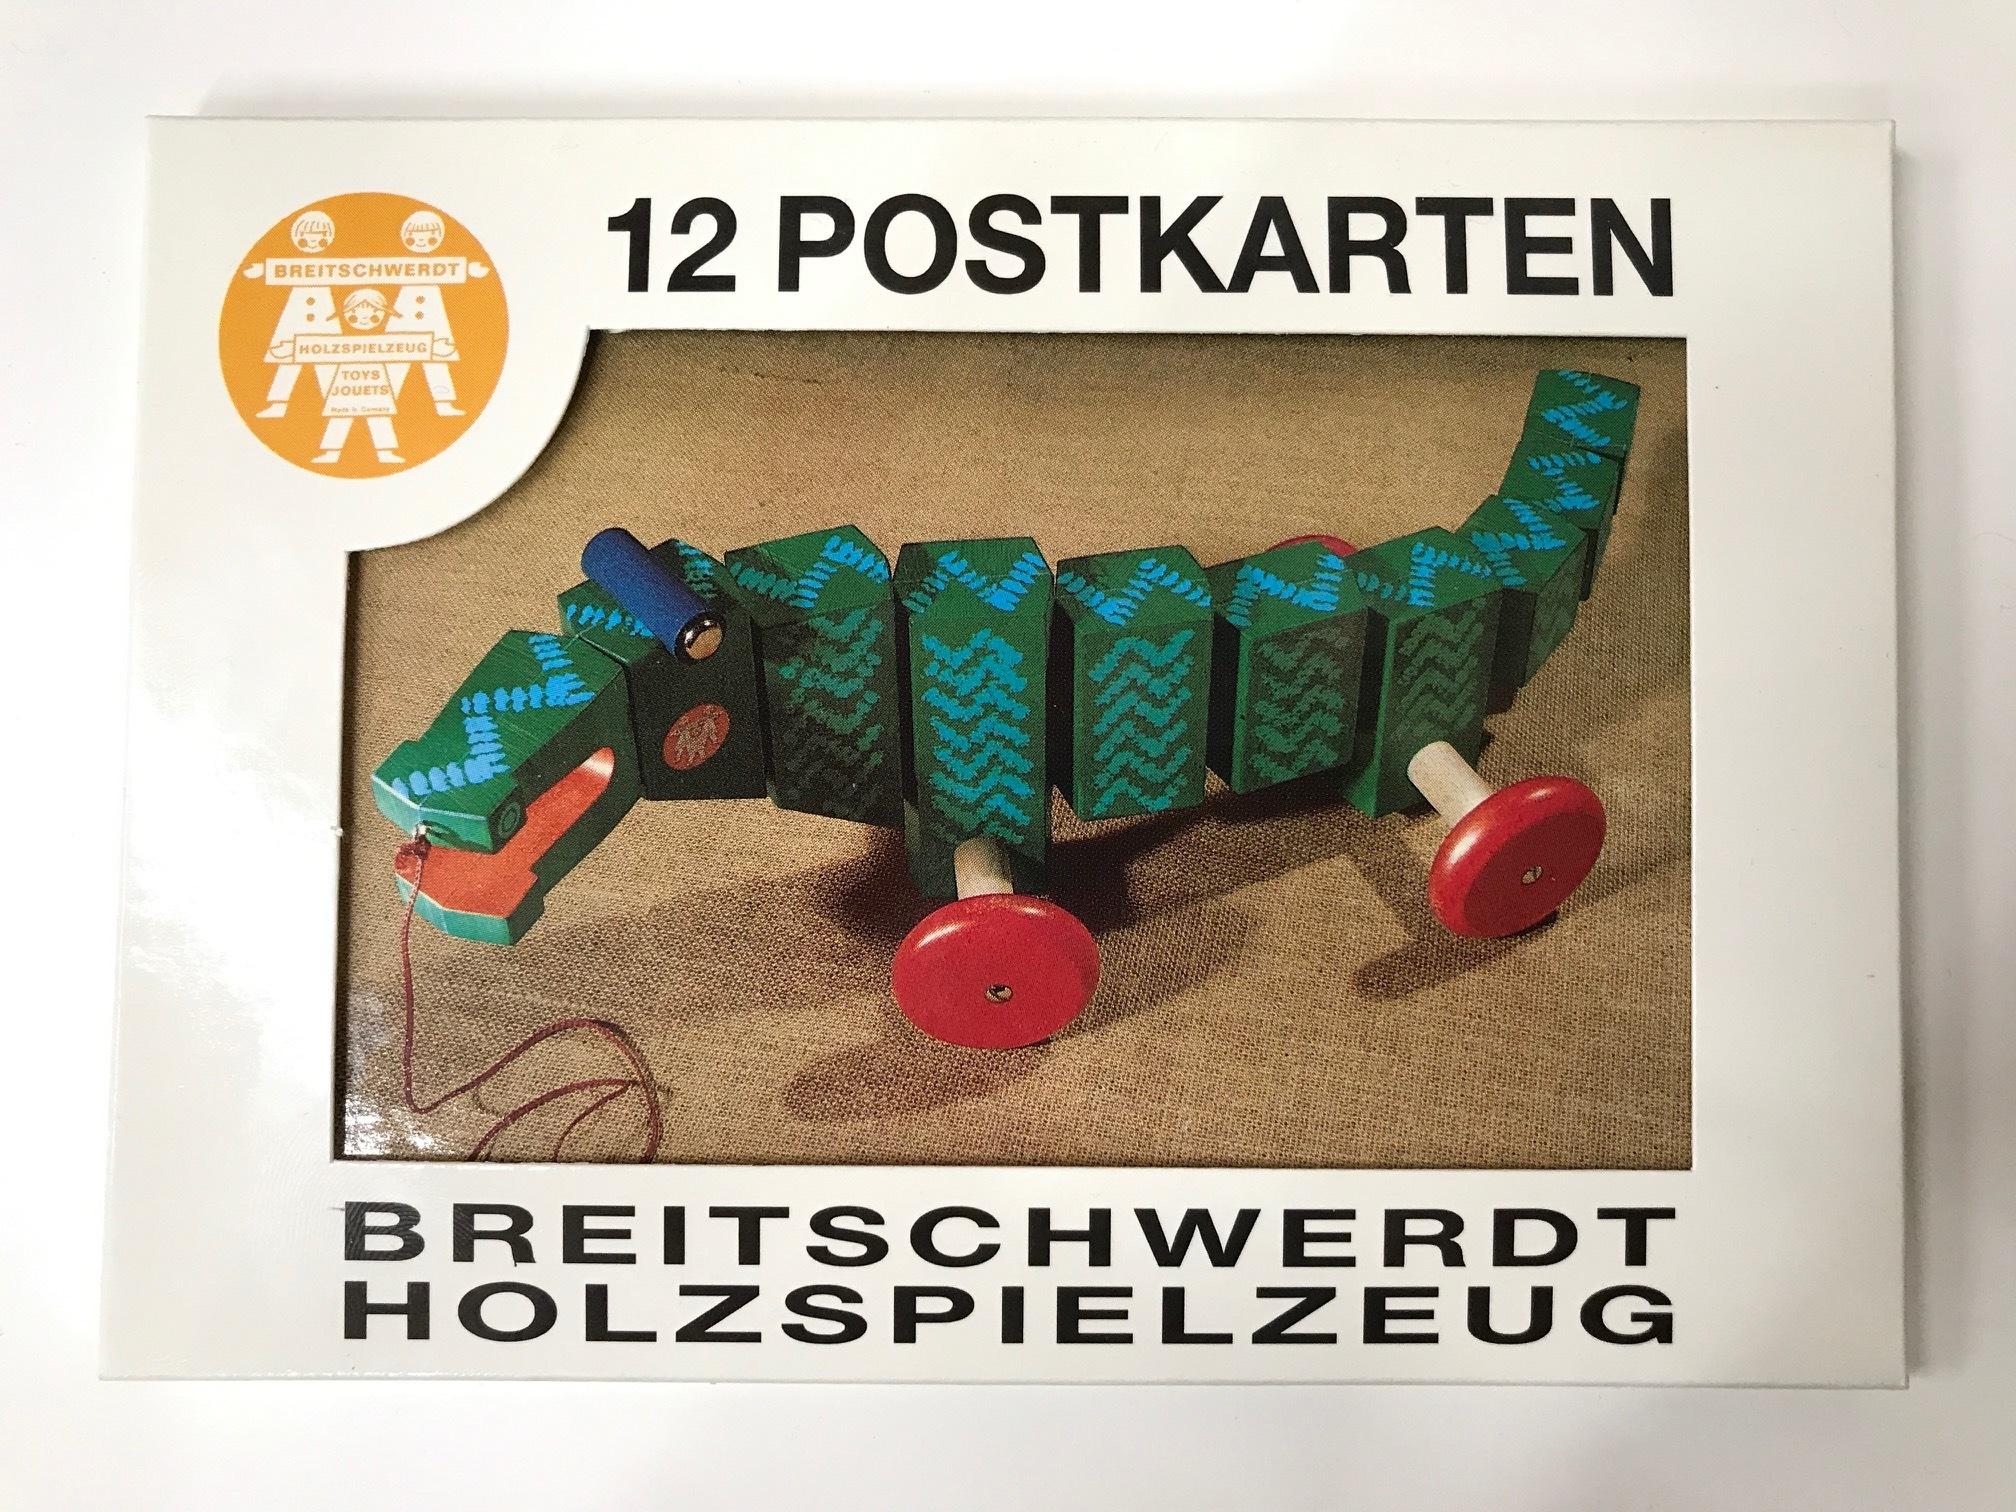 ブライトシュベルツ ポストカード